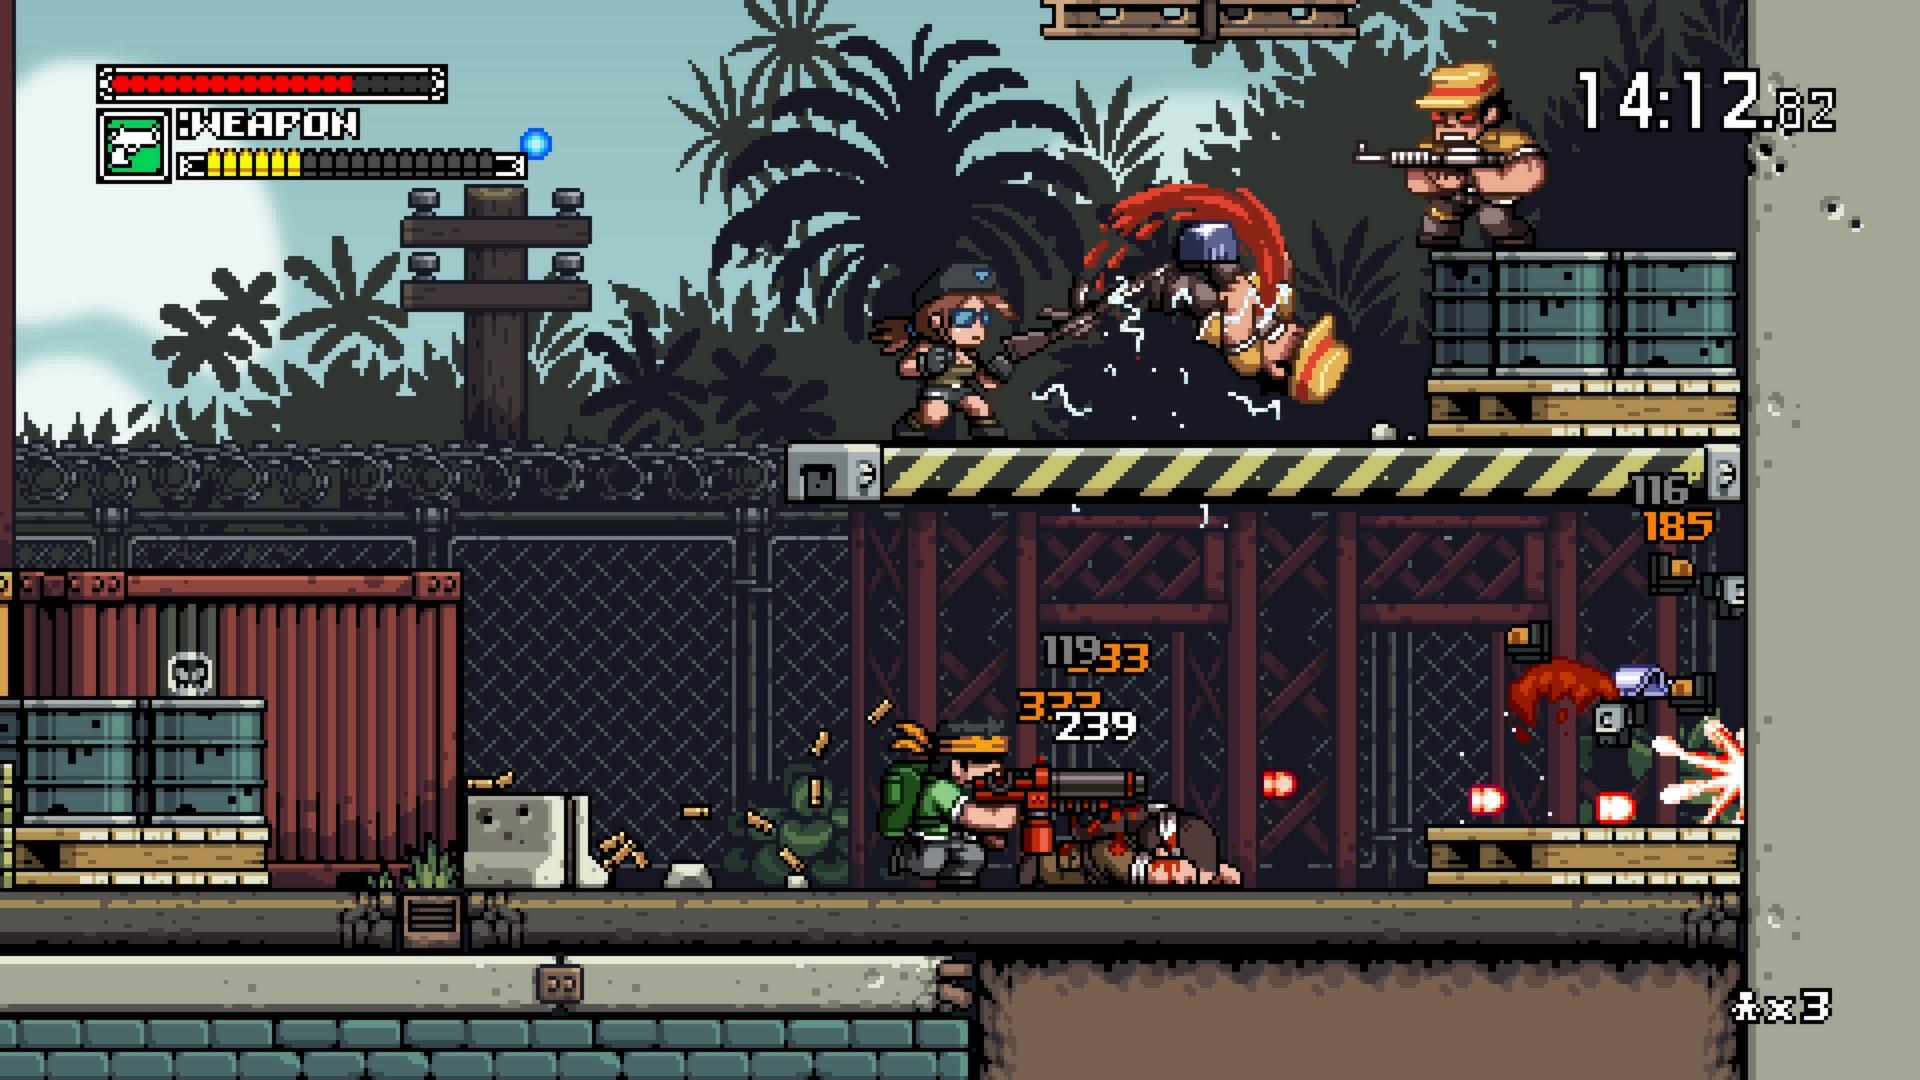 Mercenary Kings juegos decepcionantes